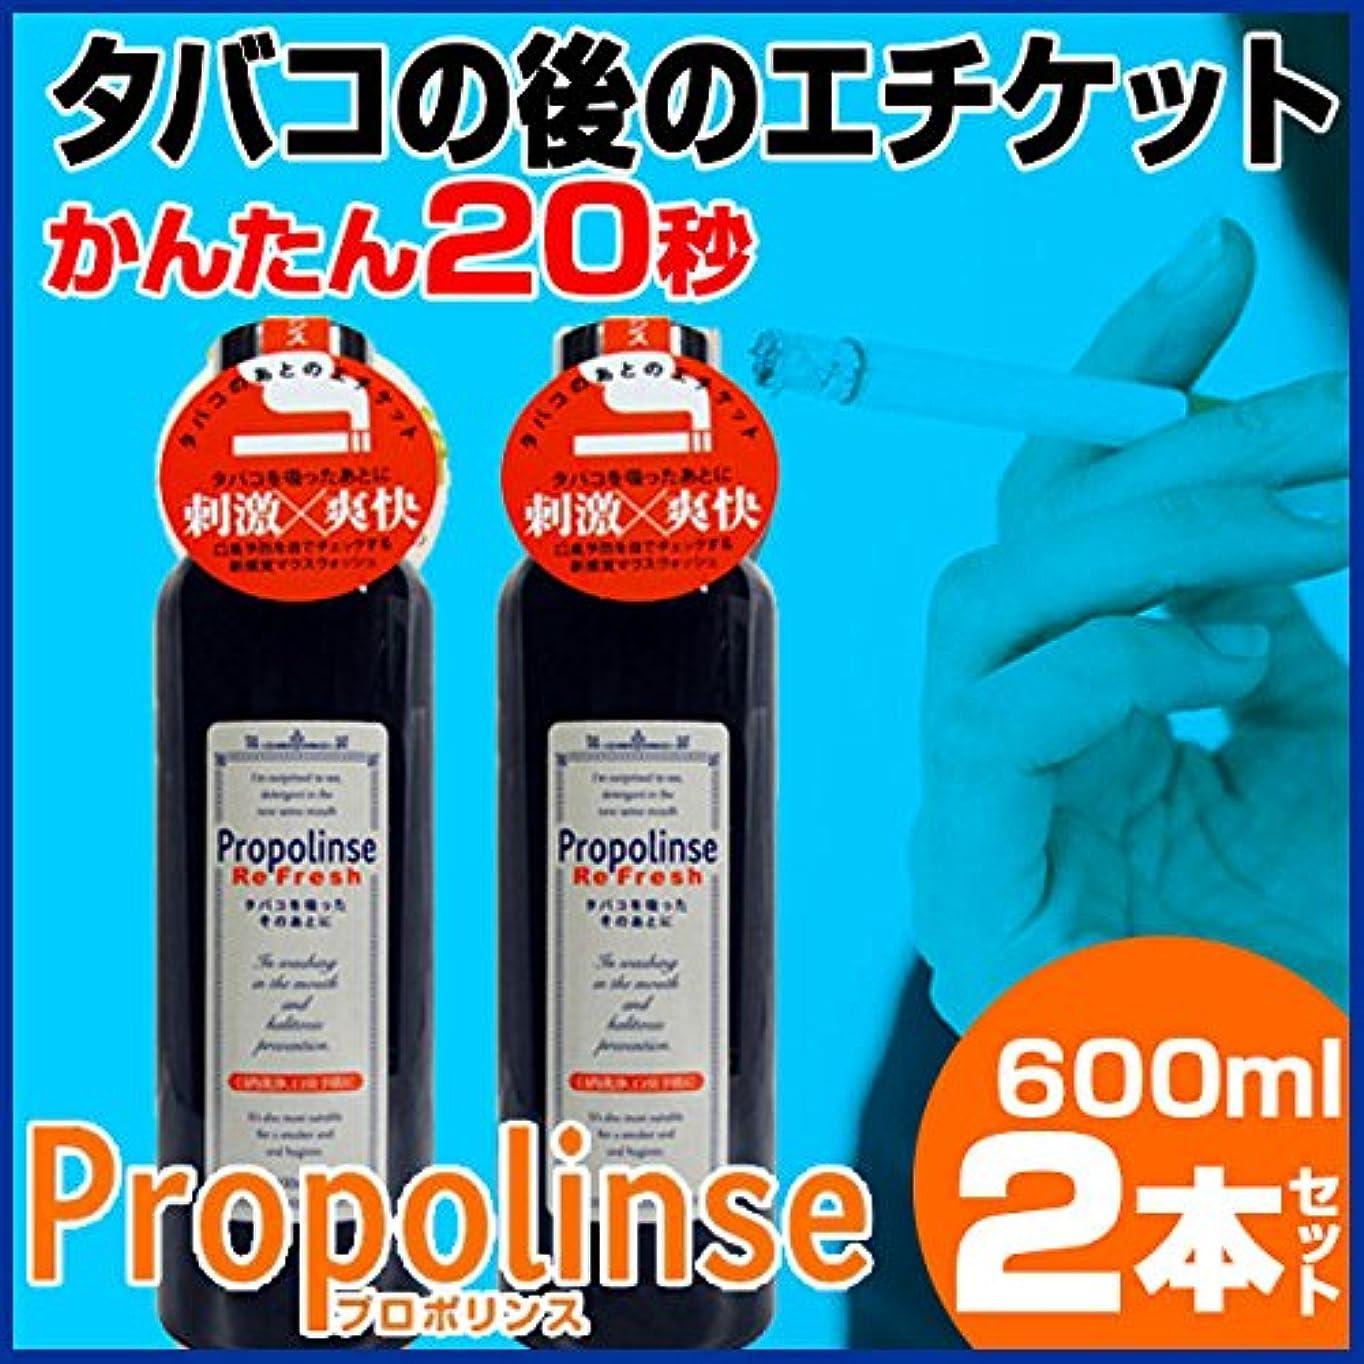 アストロラーベ基準プレフィックスプロポリンス リフレッシュ600ml【まとめ買い2個セット】